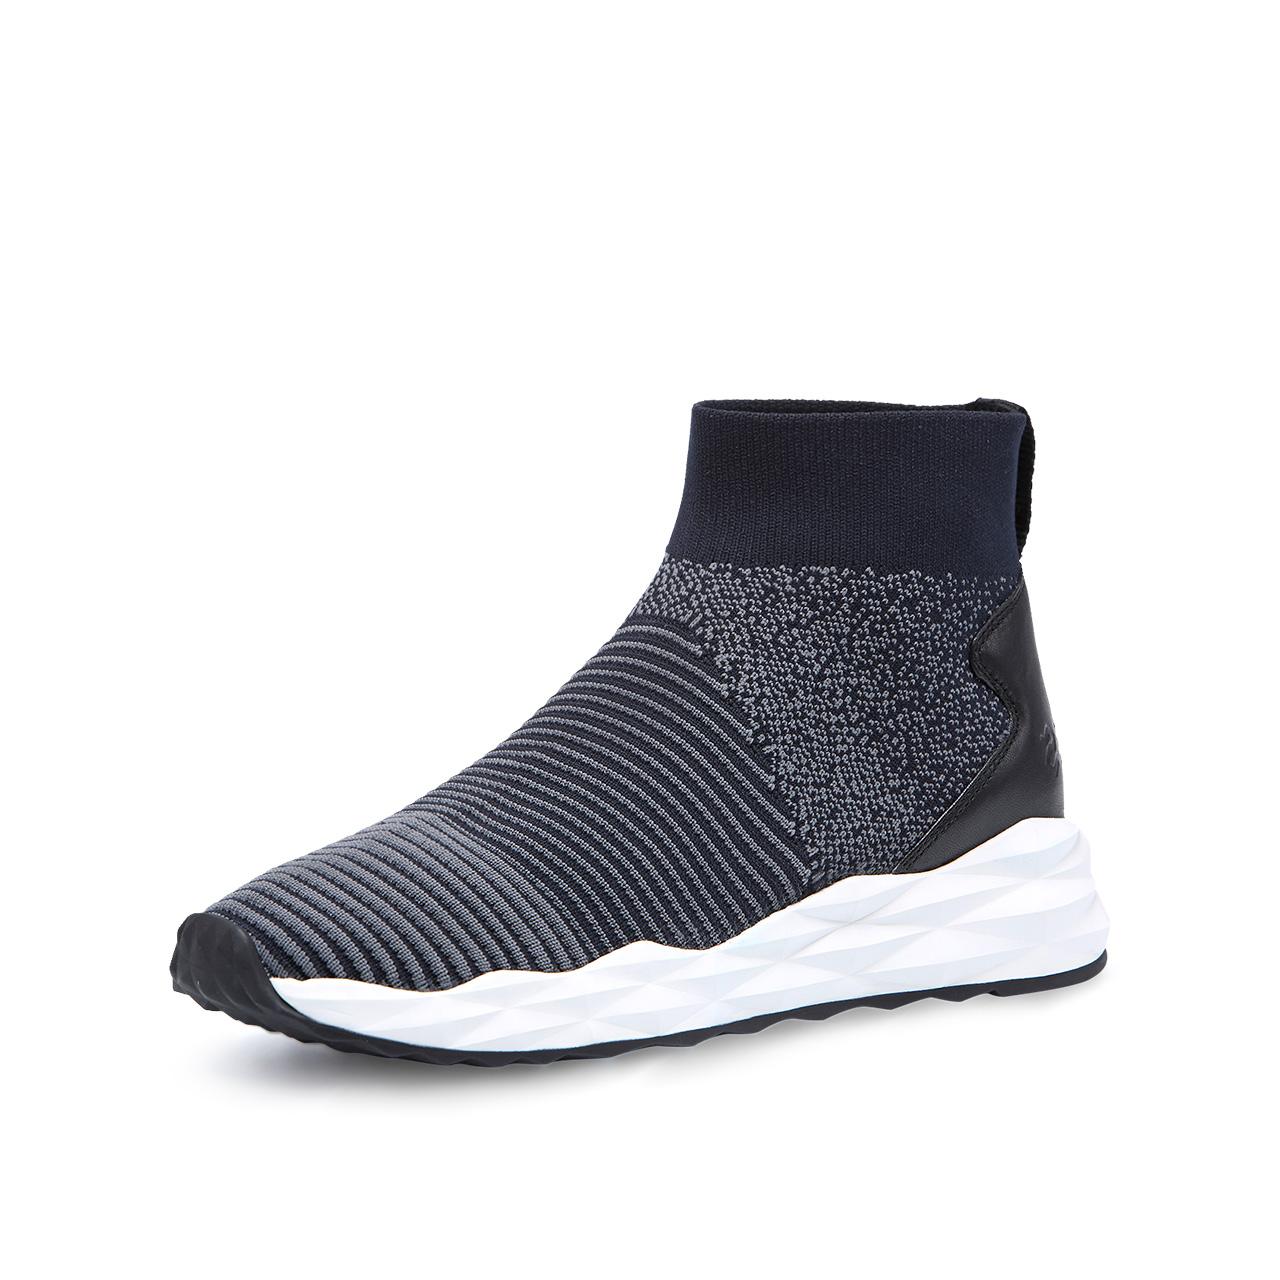 ASH男鞋2018秋季新款SCRATCH系列拼色袜套休闲运动鞋高帮鞋情侣款